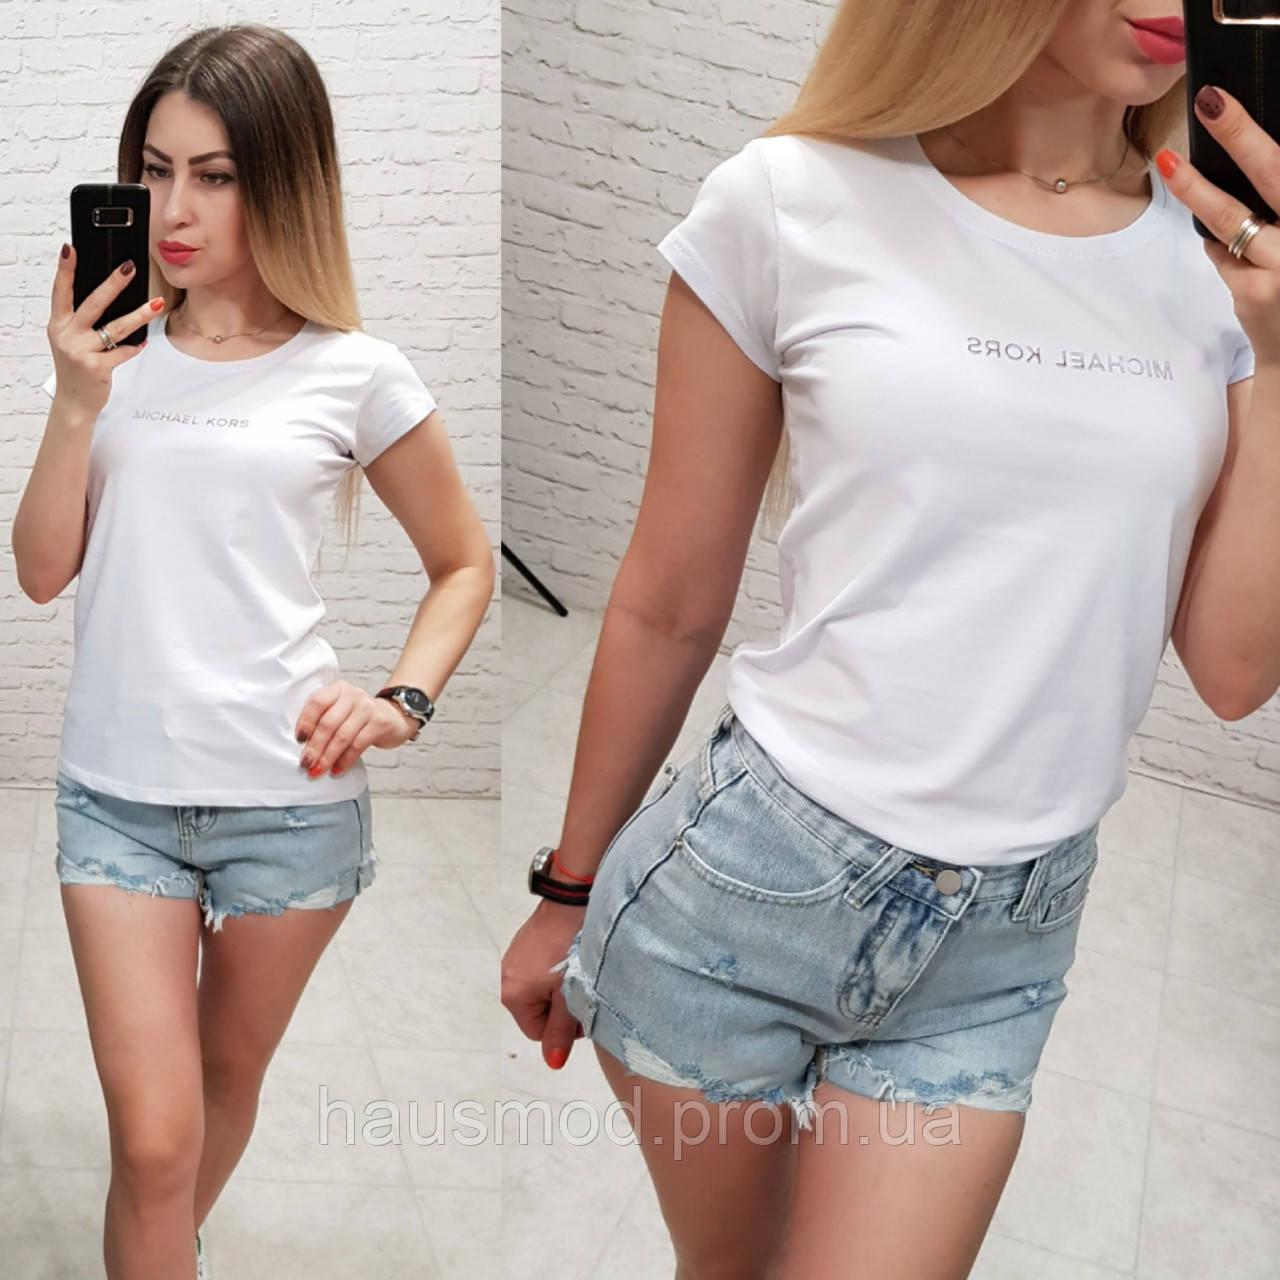 Женская футболка летняя S M L (универсал) реплика копия Michael Kors 100% катон качество турция цвет белый